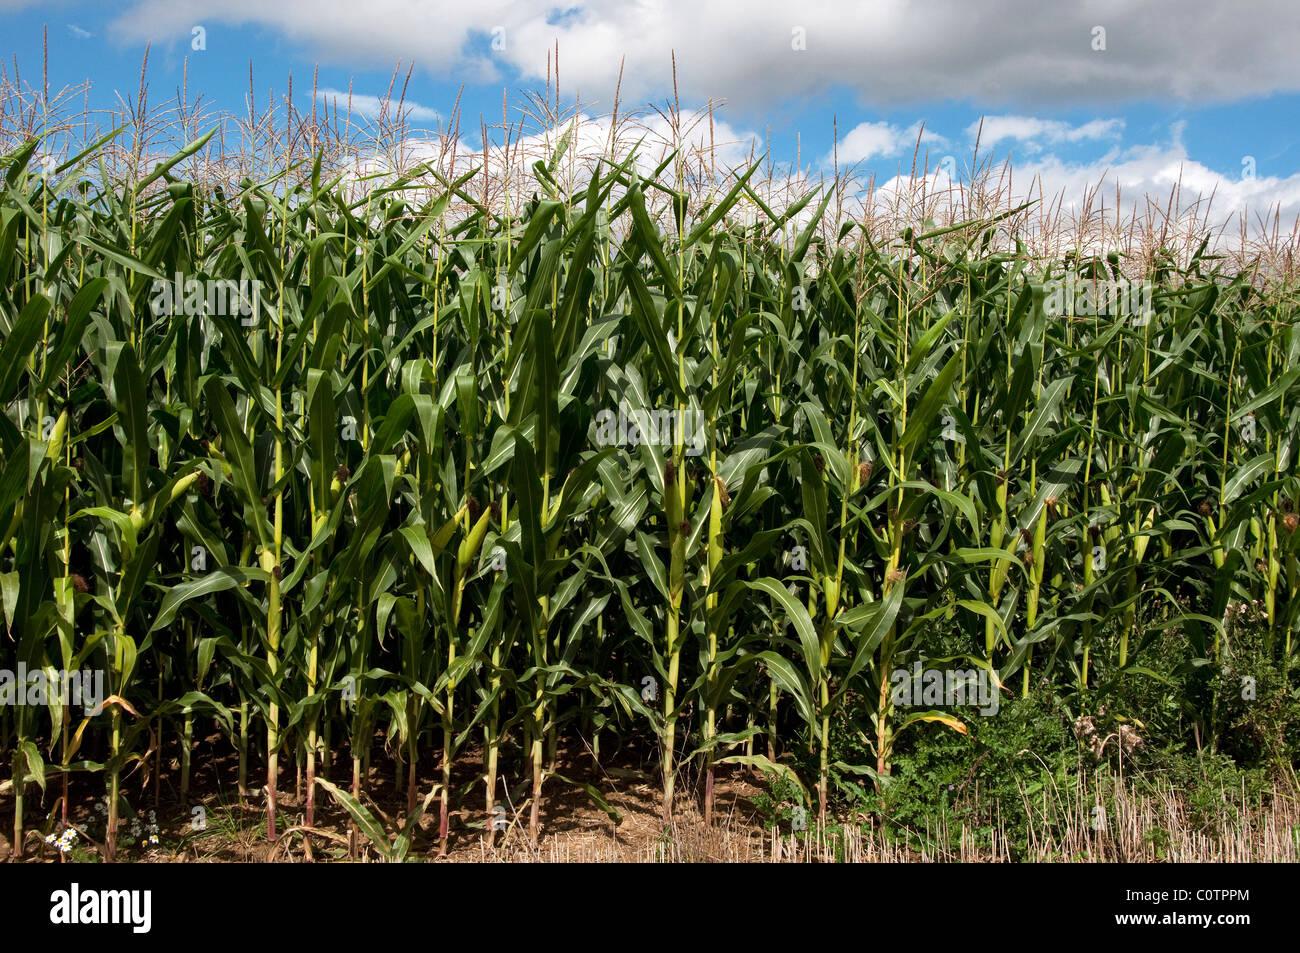 Le maïs, le maïs (Zea mays). Bord d'un champ de fleurs. Photo Stock